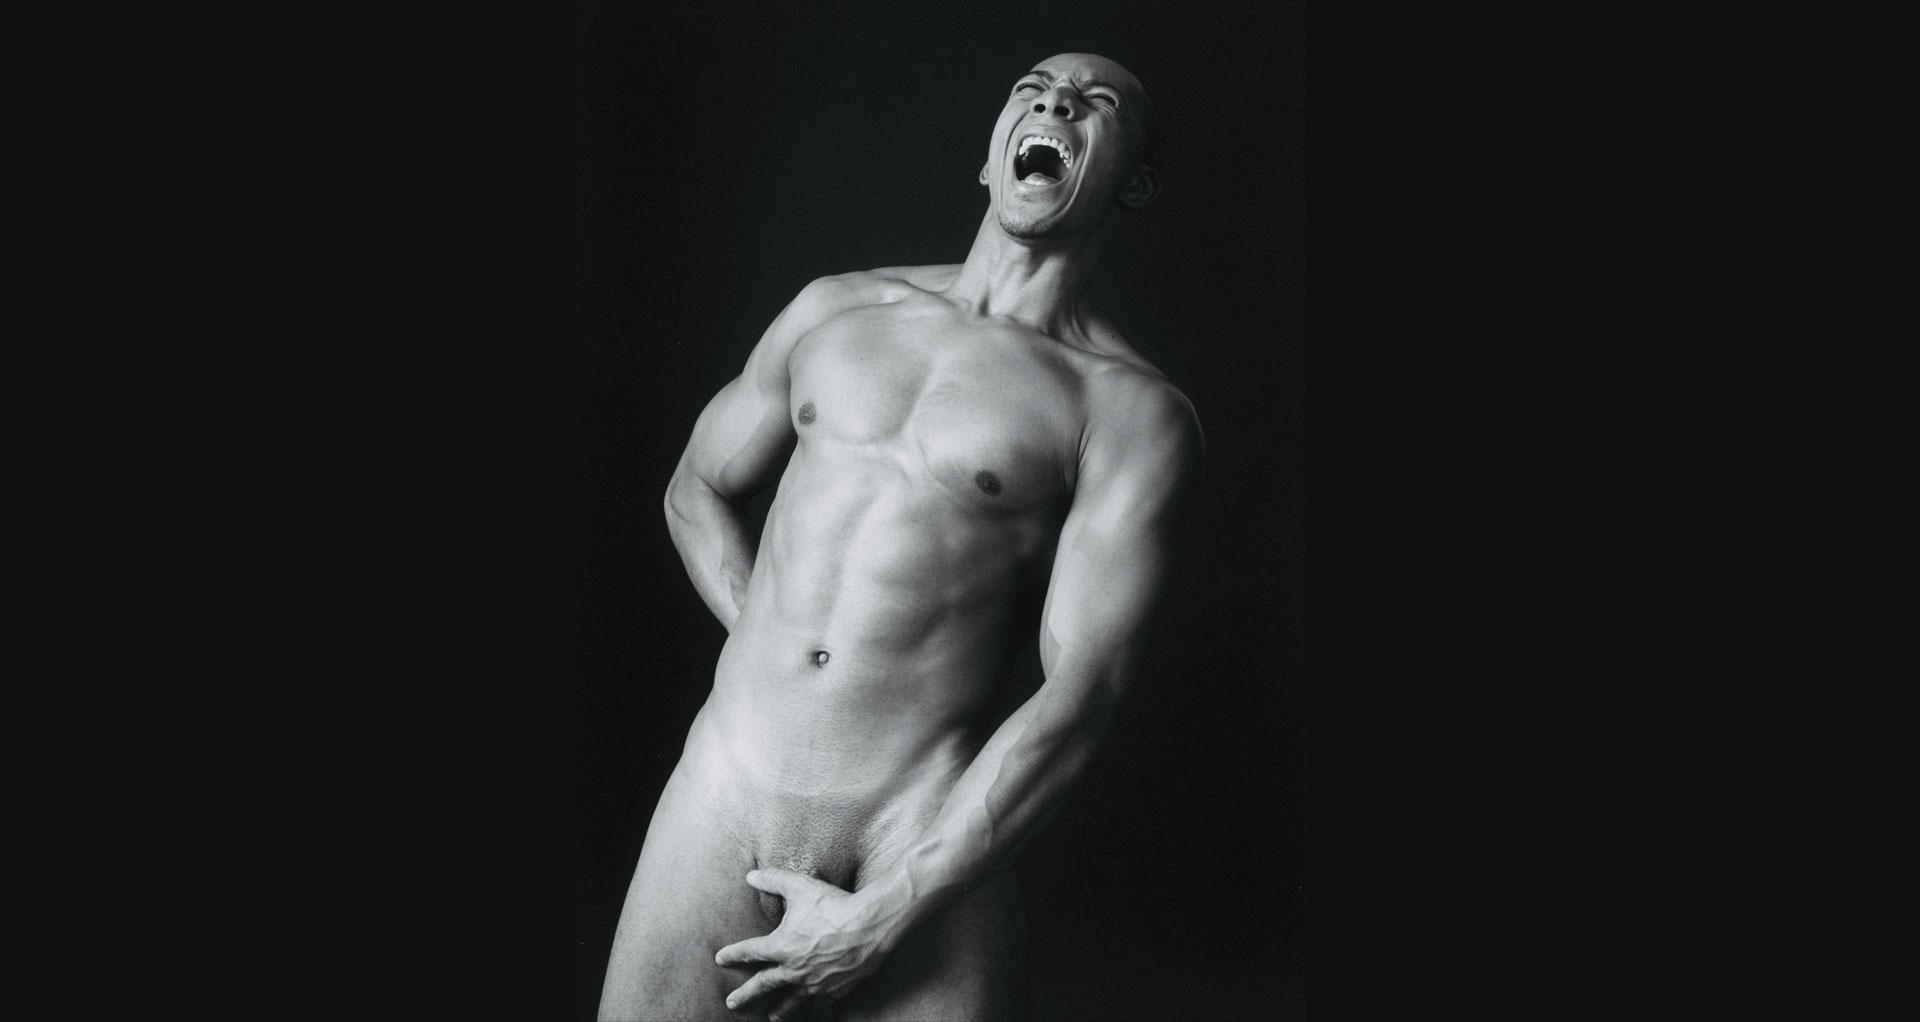 männer wichsen gemeinsam eroticfilme für frauen